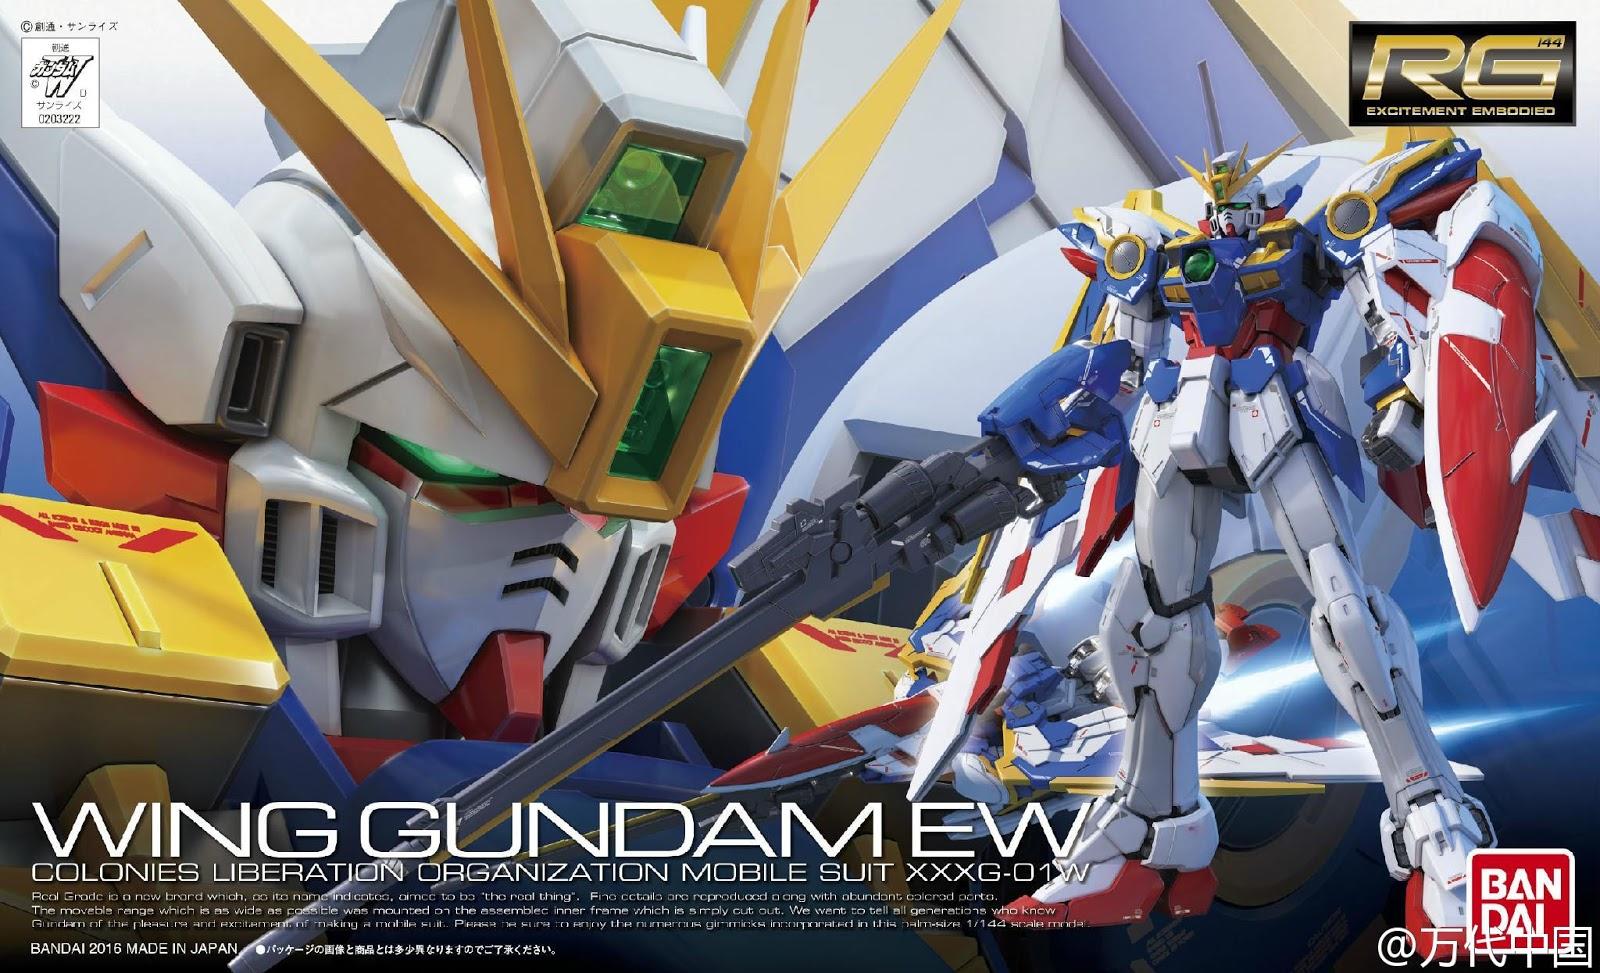 RG 1/144 Wing Gundam EW [Bandai]